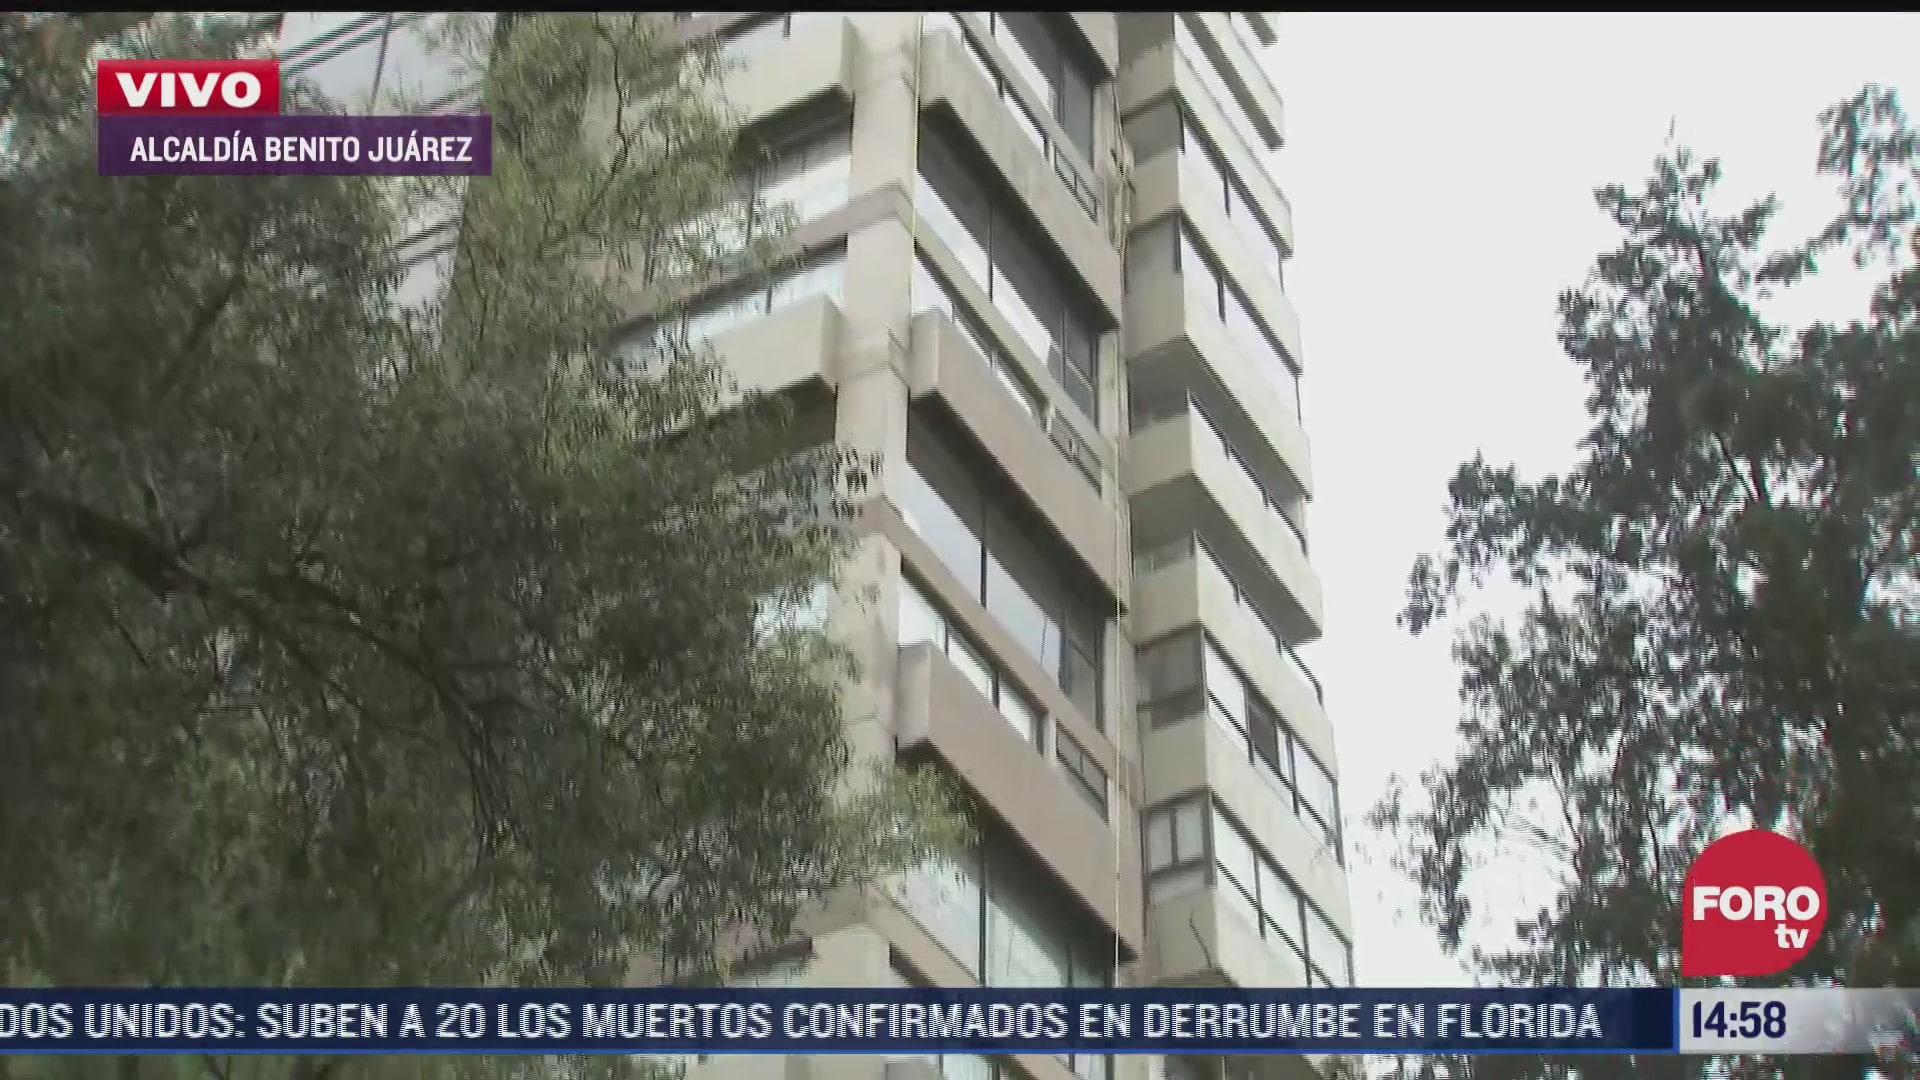 albanil cae 16 pisos y muere en hospital de cdmx